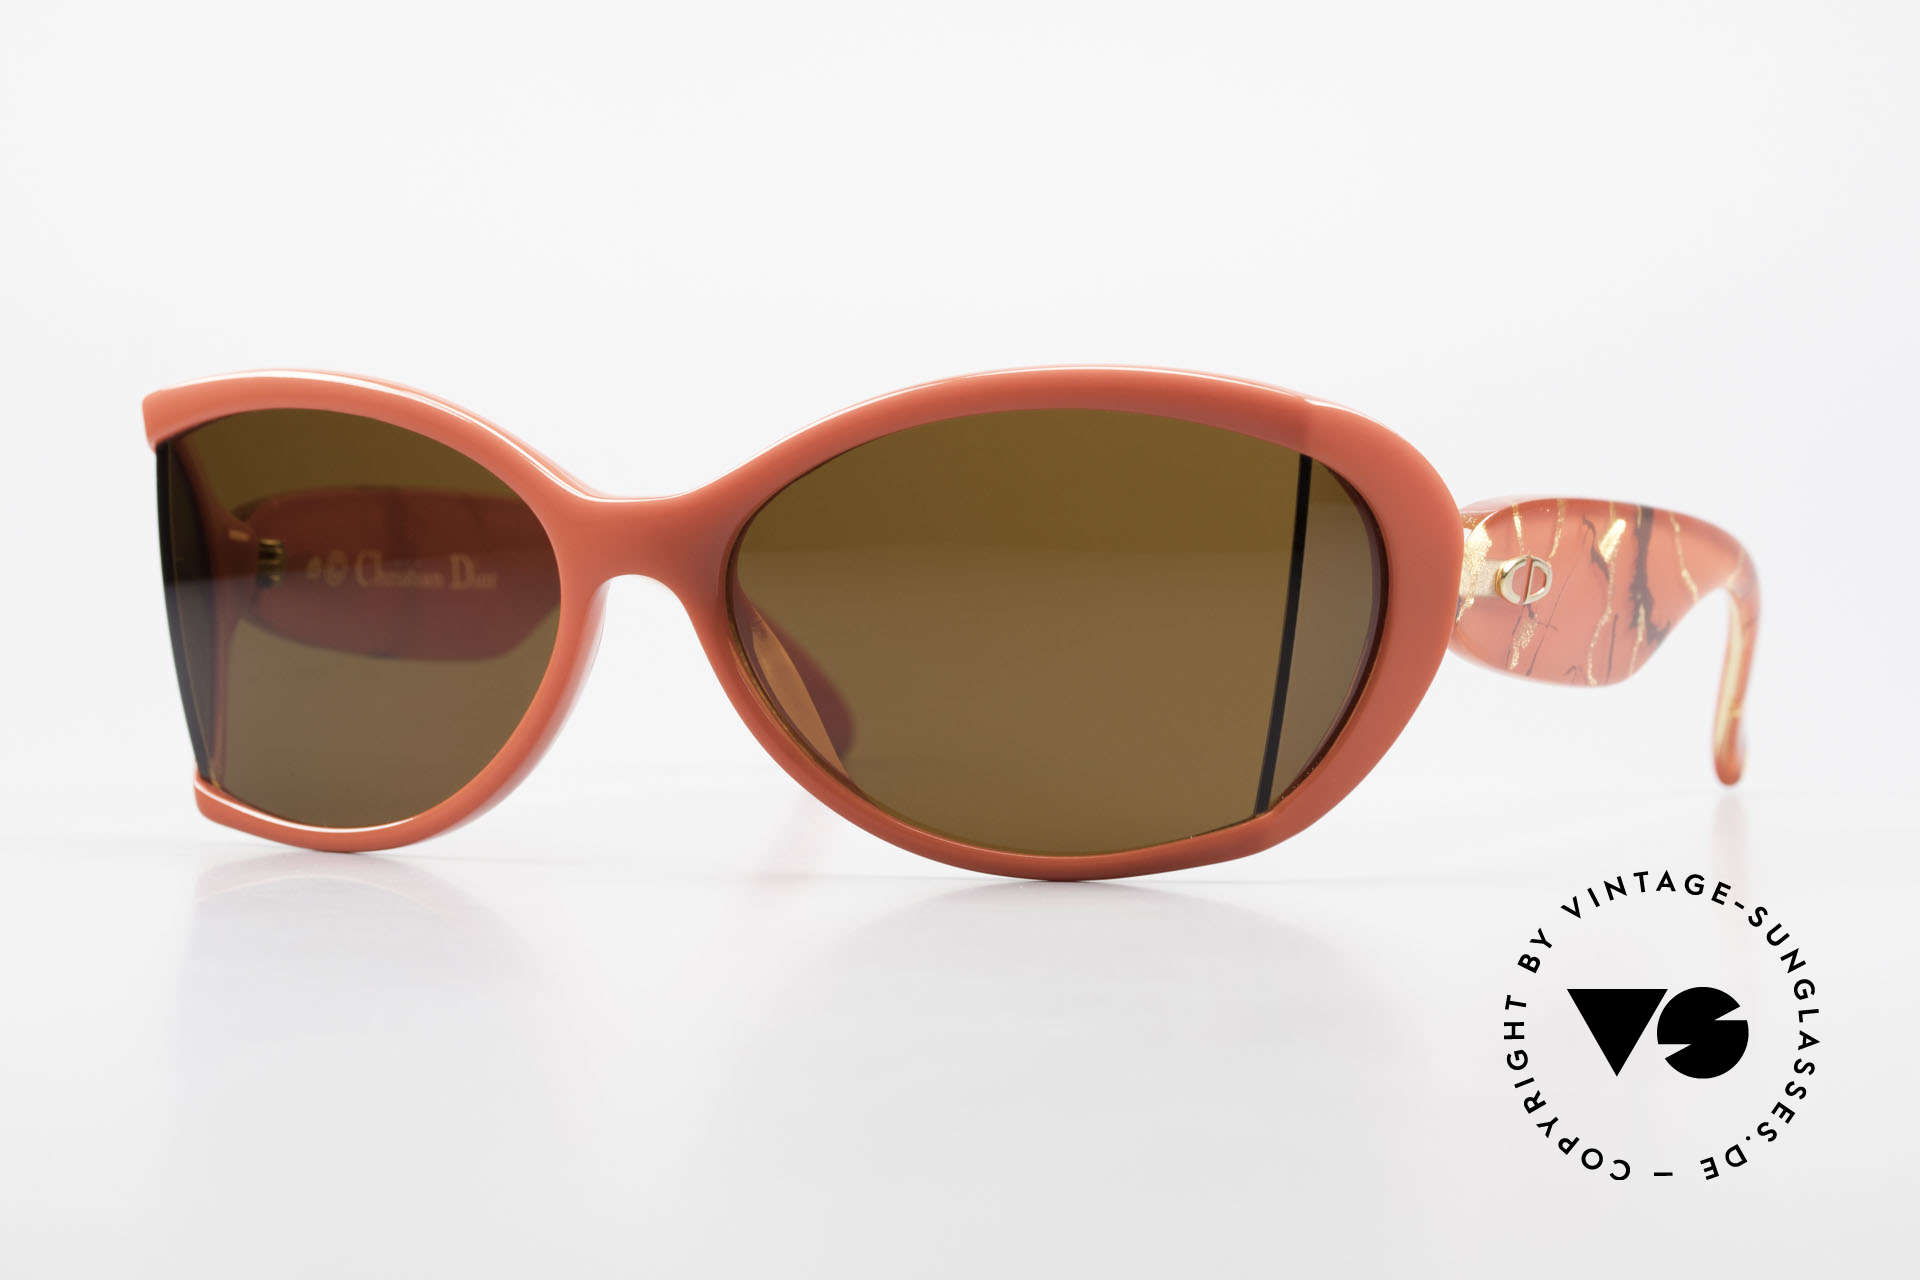 Christian Dior 2439 80s Sonnenbrille Seitenblenden, futuristische Chr. Dior Damensonnenbrille von 1989, Passend für Damen